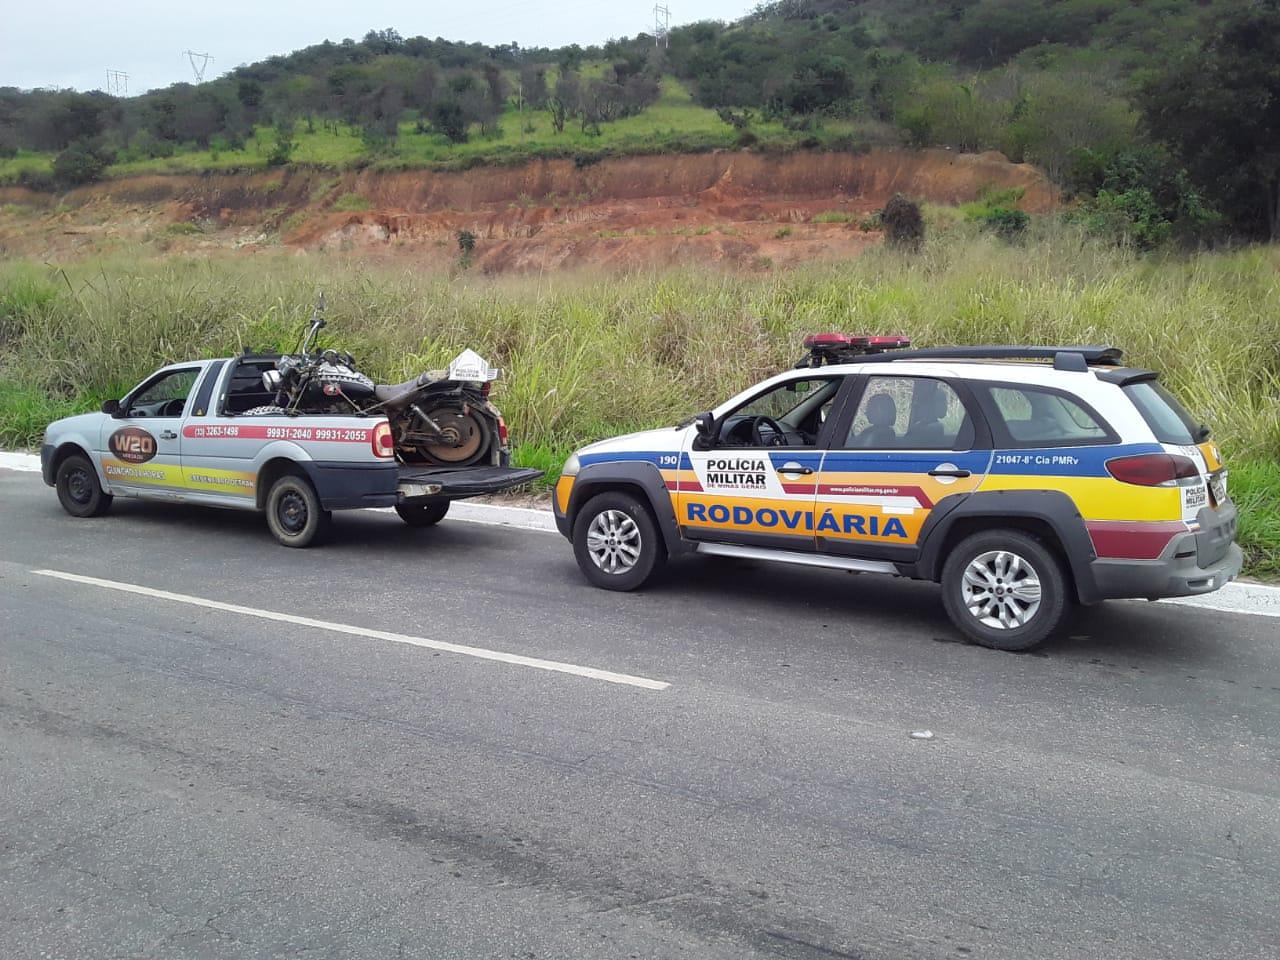 POLÍCIA MILITAR RODOVIÁRIA APREENDE MOTOCICLETA COM PLACA ADULTERADA NA BR 259